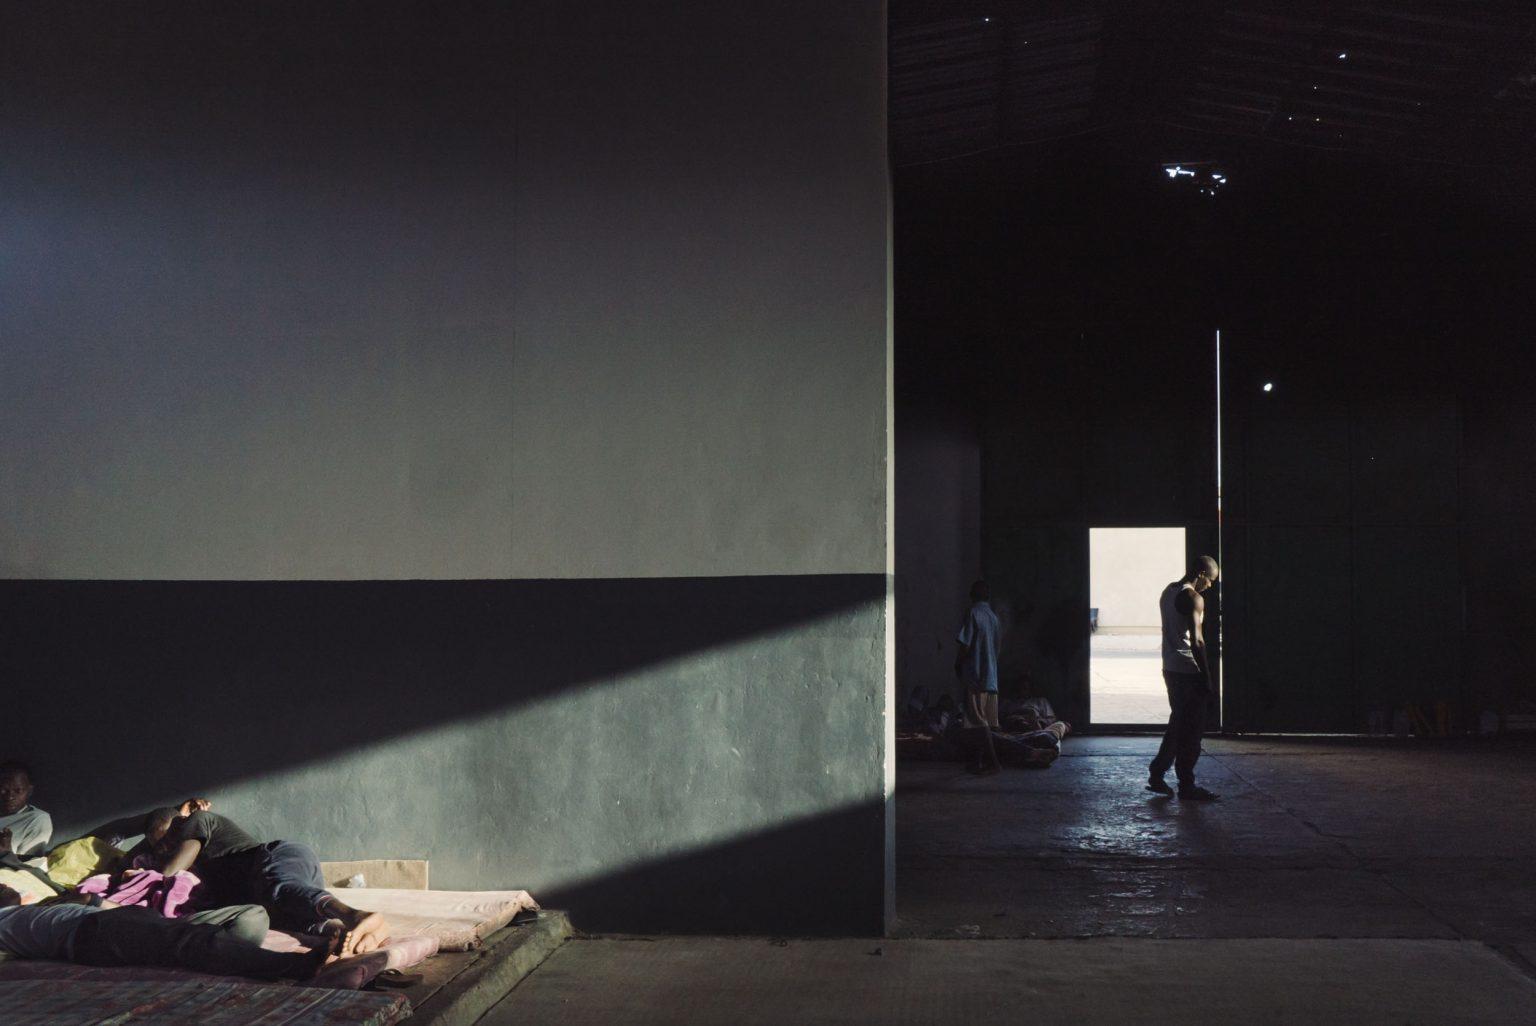 Tripoli, Libya, May 2017 -  An inmate walks in the main cell of the Tadamon detention center. >< Tripoli, Libia, maggio 2017 - Un detenuto nella cella principale del centro di detenzione di Tadamon.